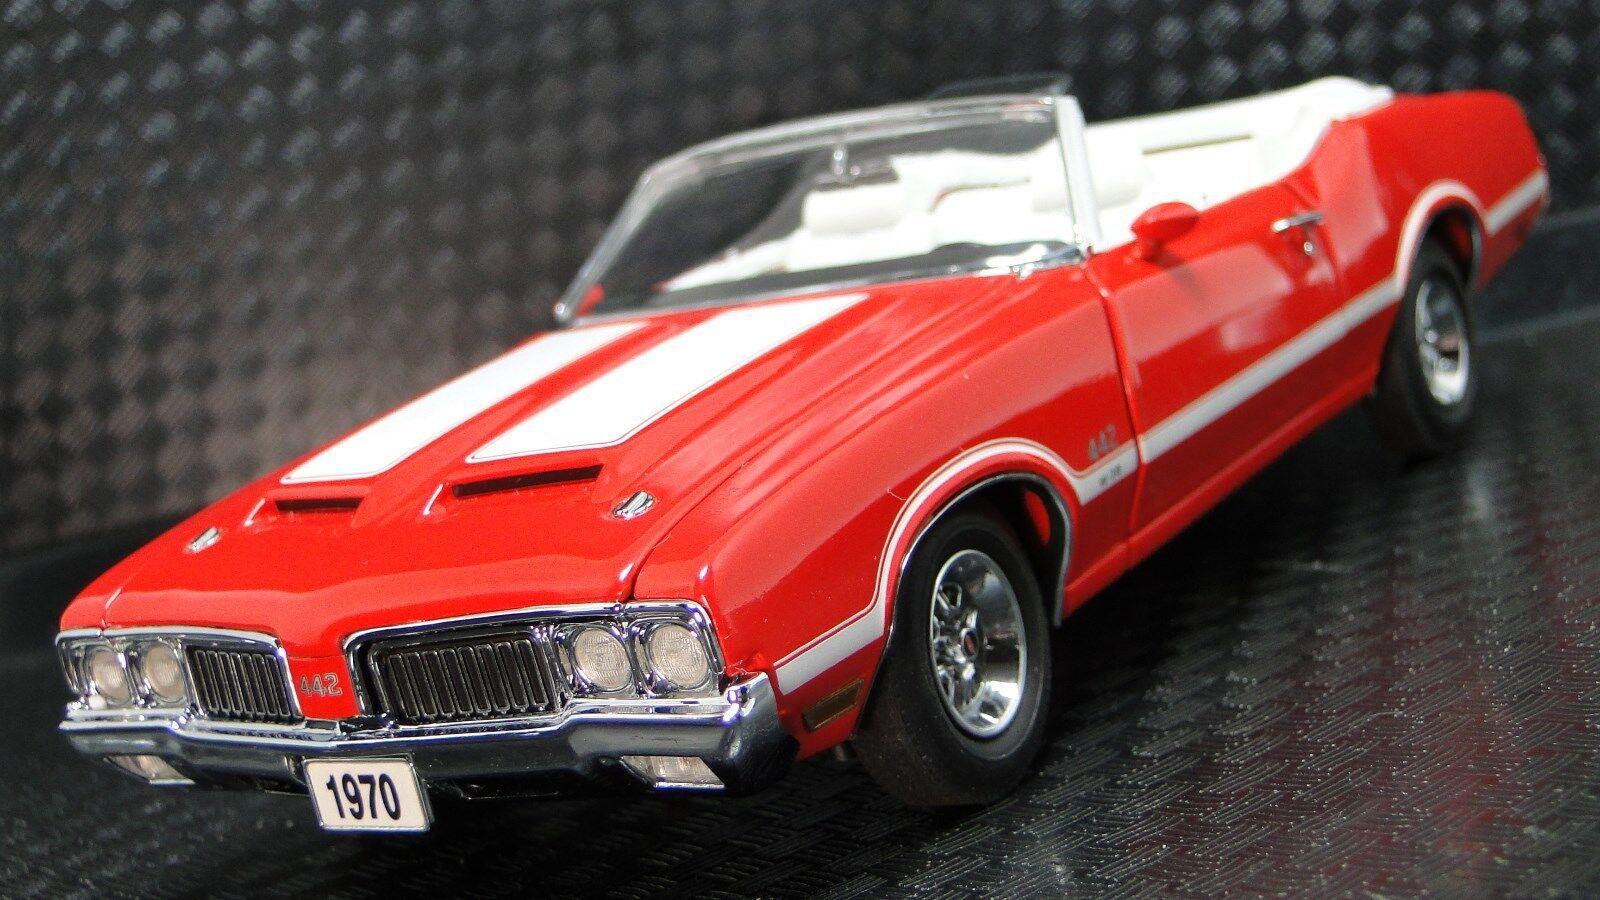 442 Oldsbilene 1970 -talet OLDS Promo Muscle bil 1 24 Karusell röd Metal Body modelllllerler 18